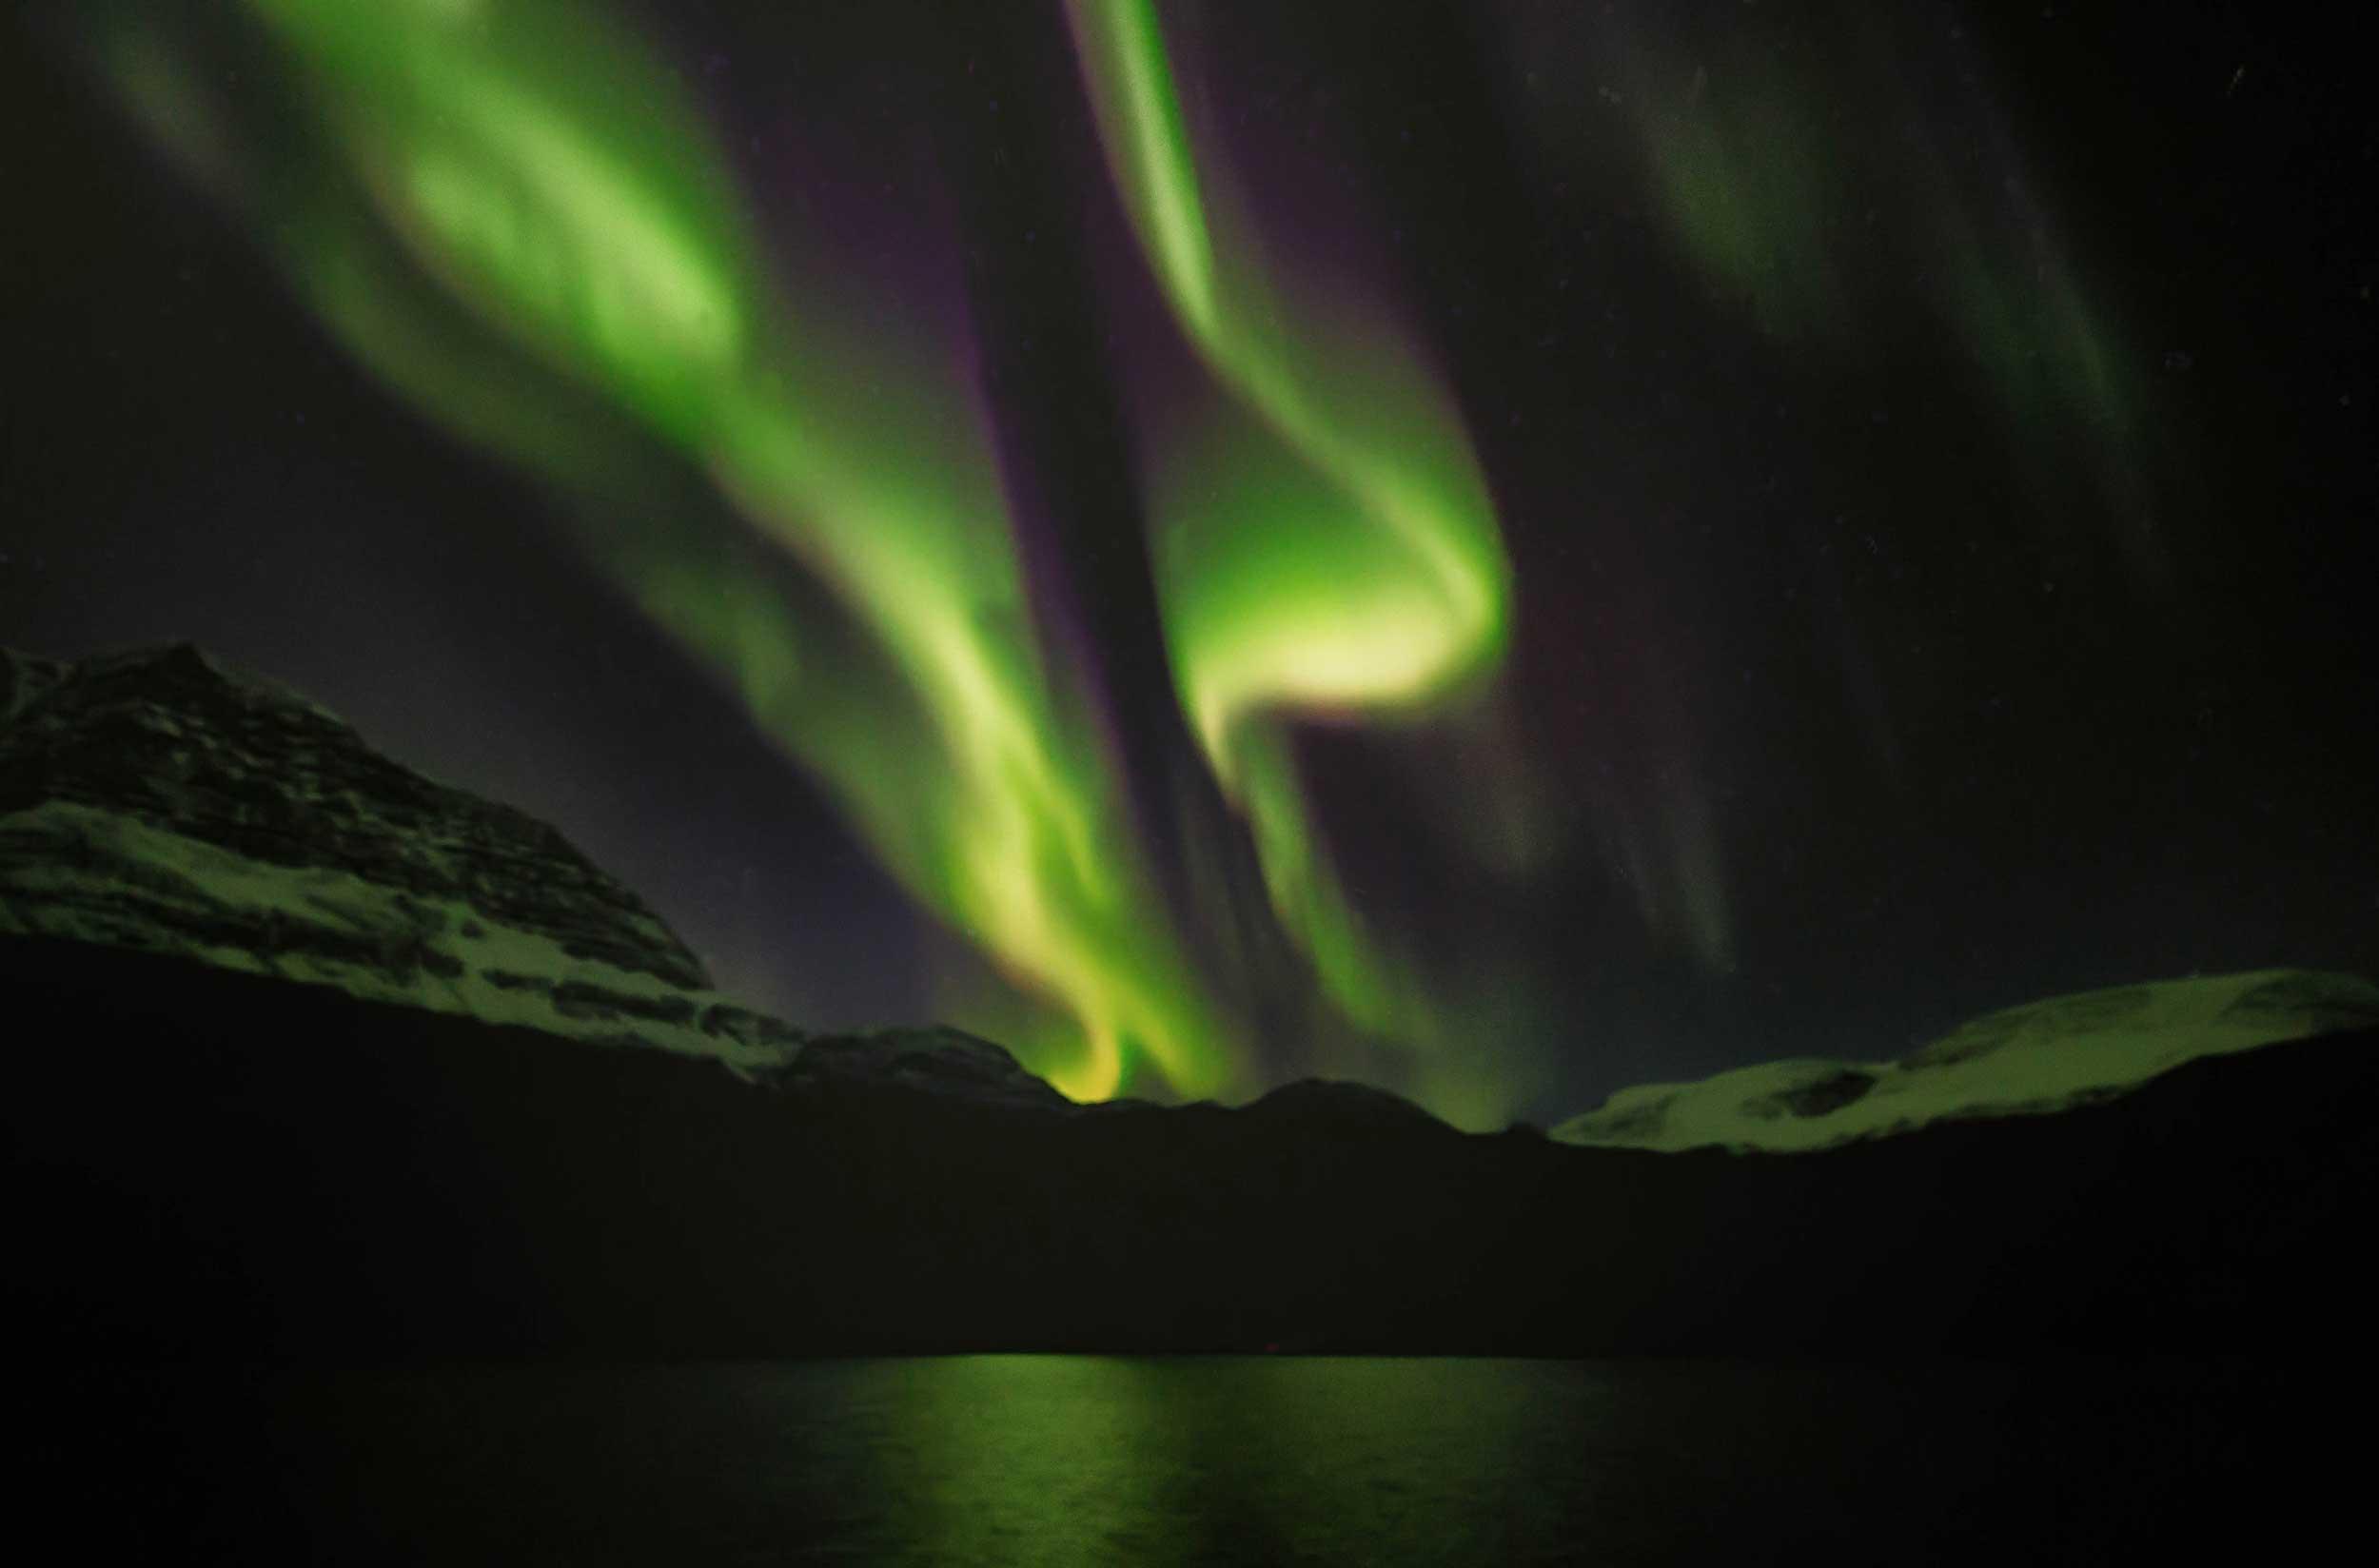 Green aurora in the dark night sky above a sound, Greenland